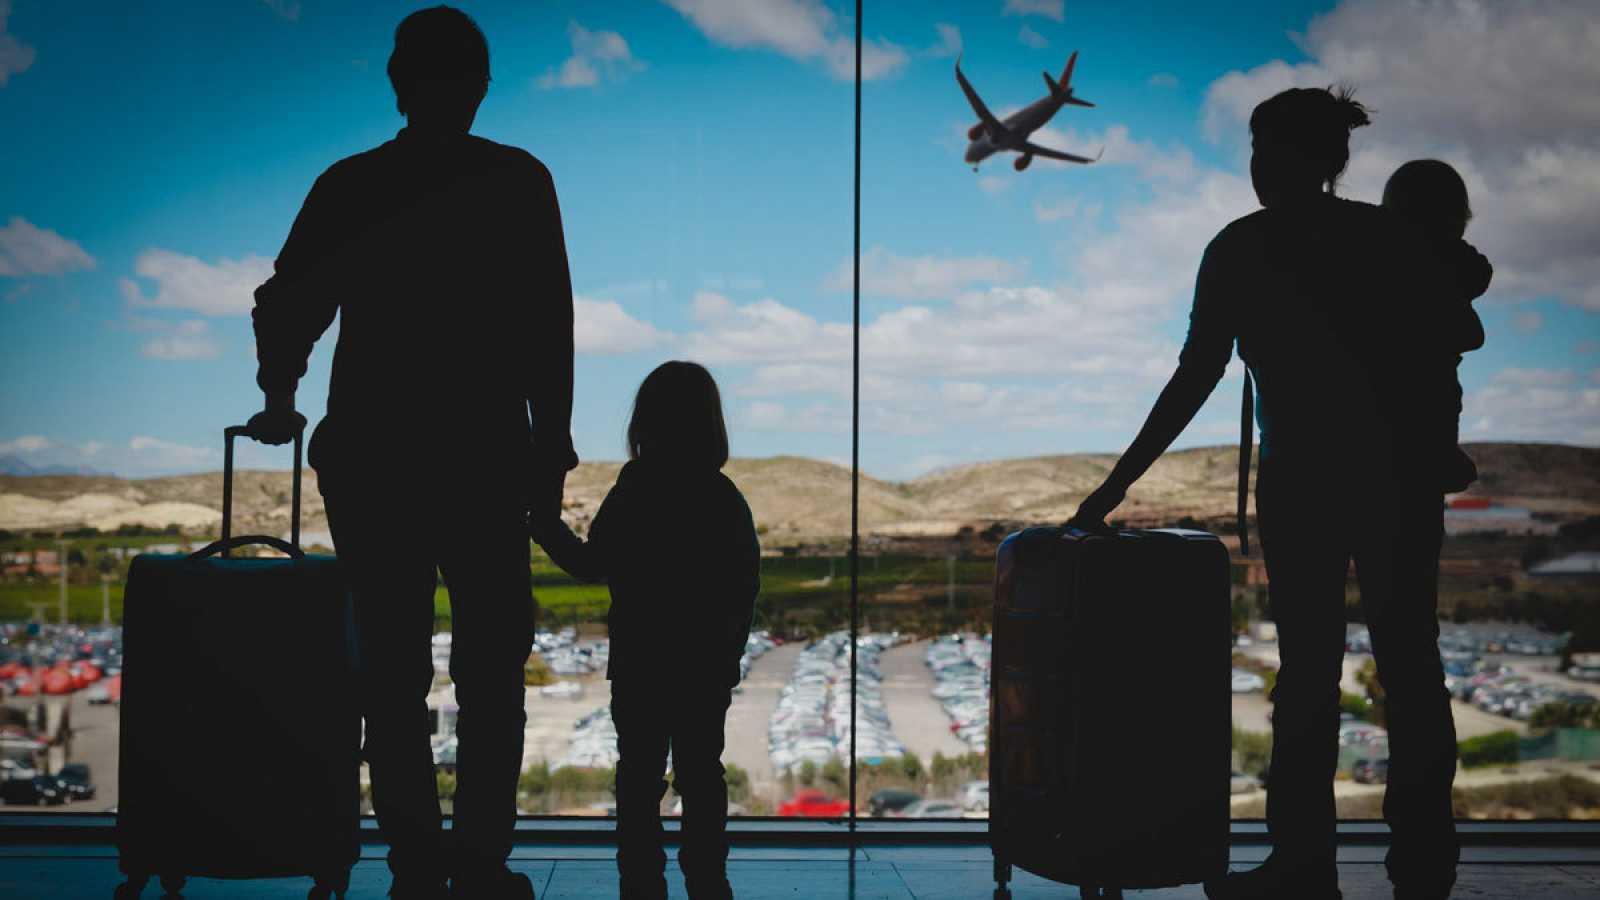 l turismo mundial crece un 4 % en 2019 y suma diez años consecutivos al alza